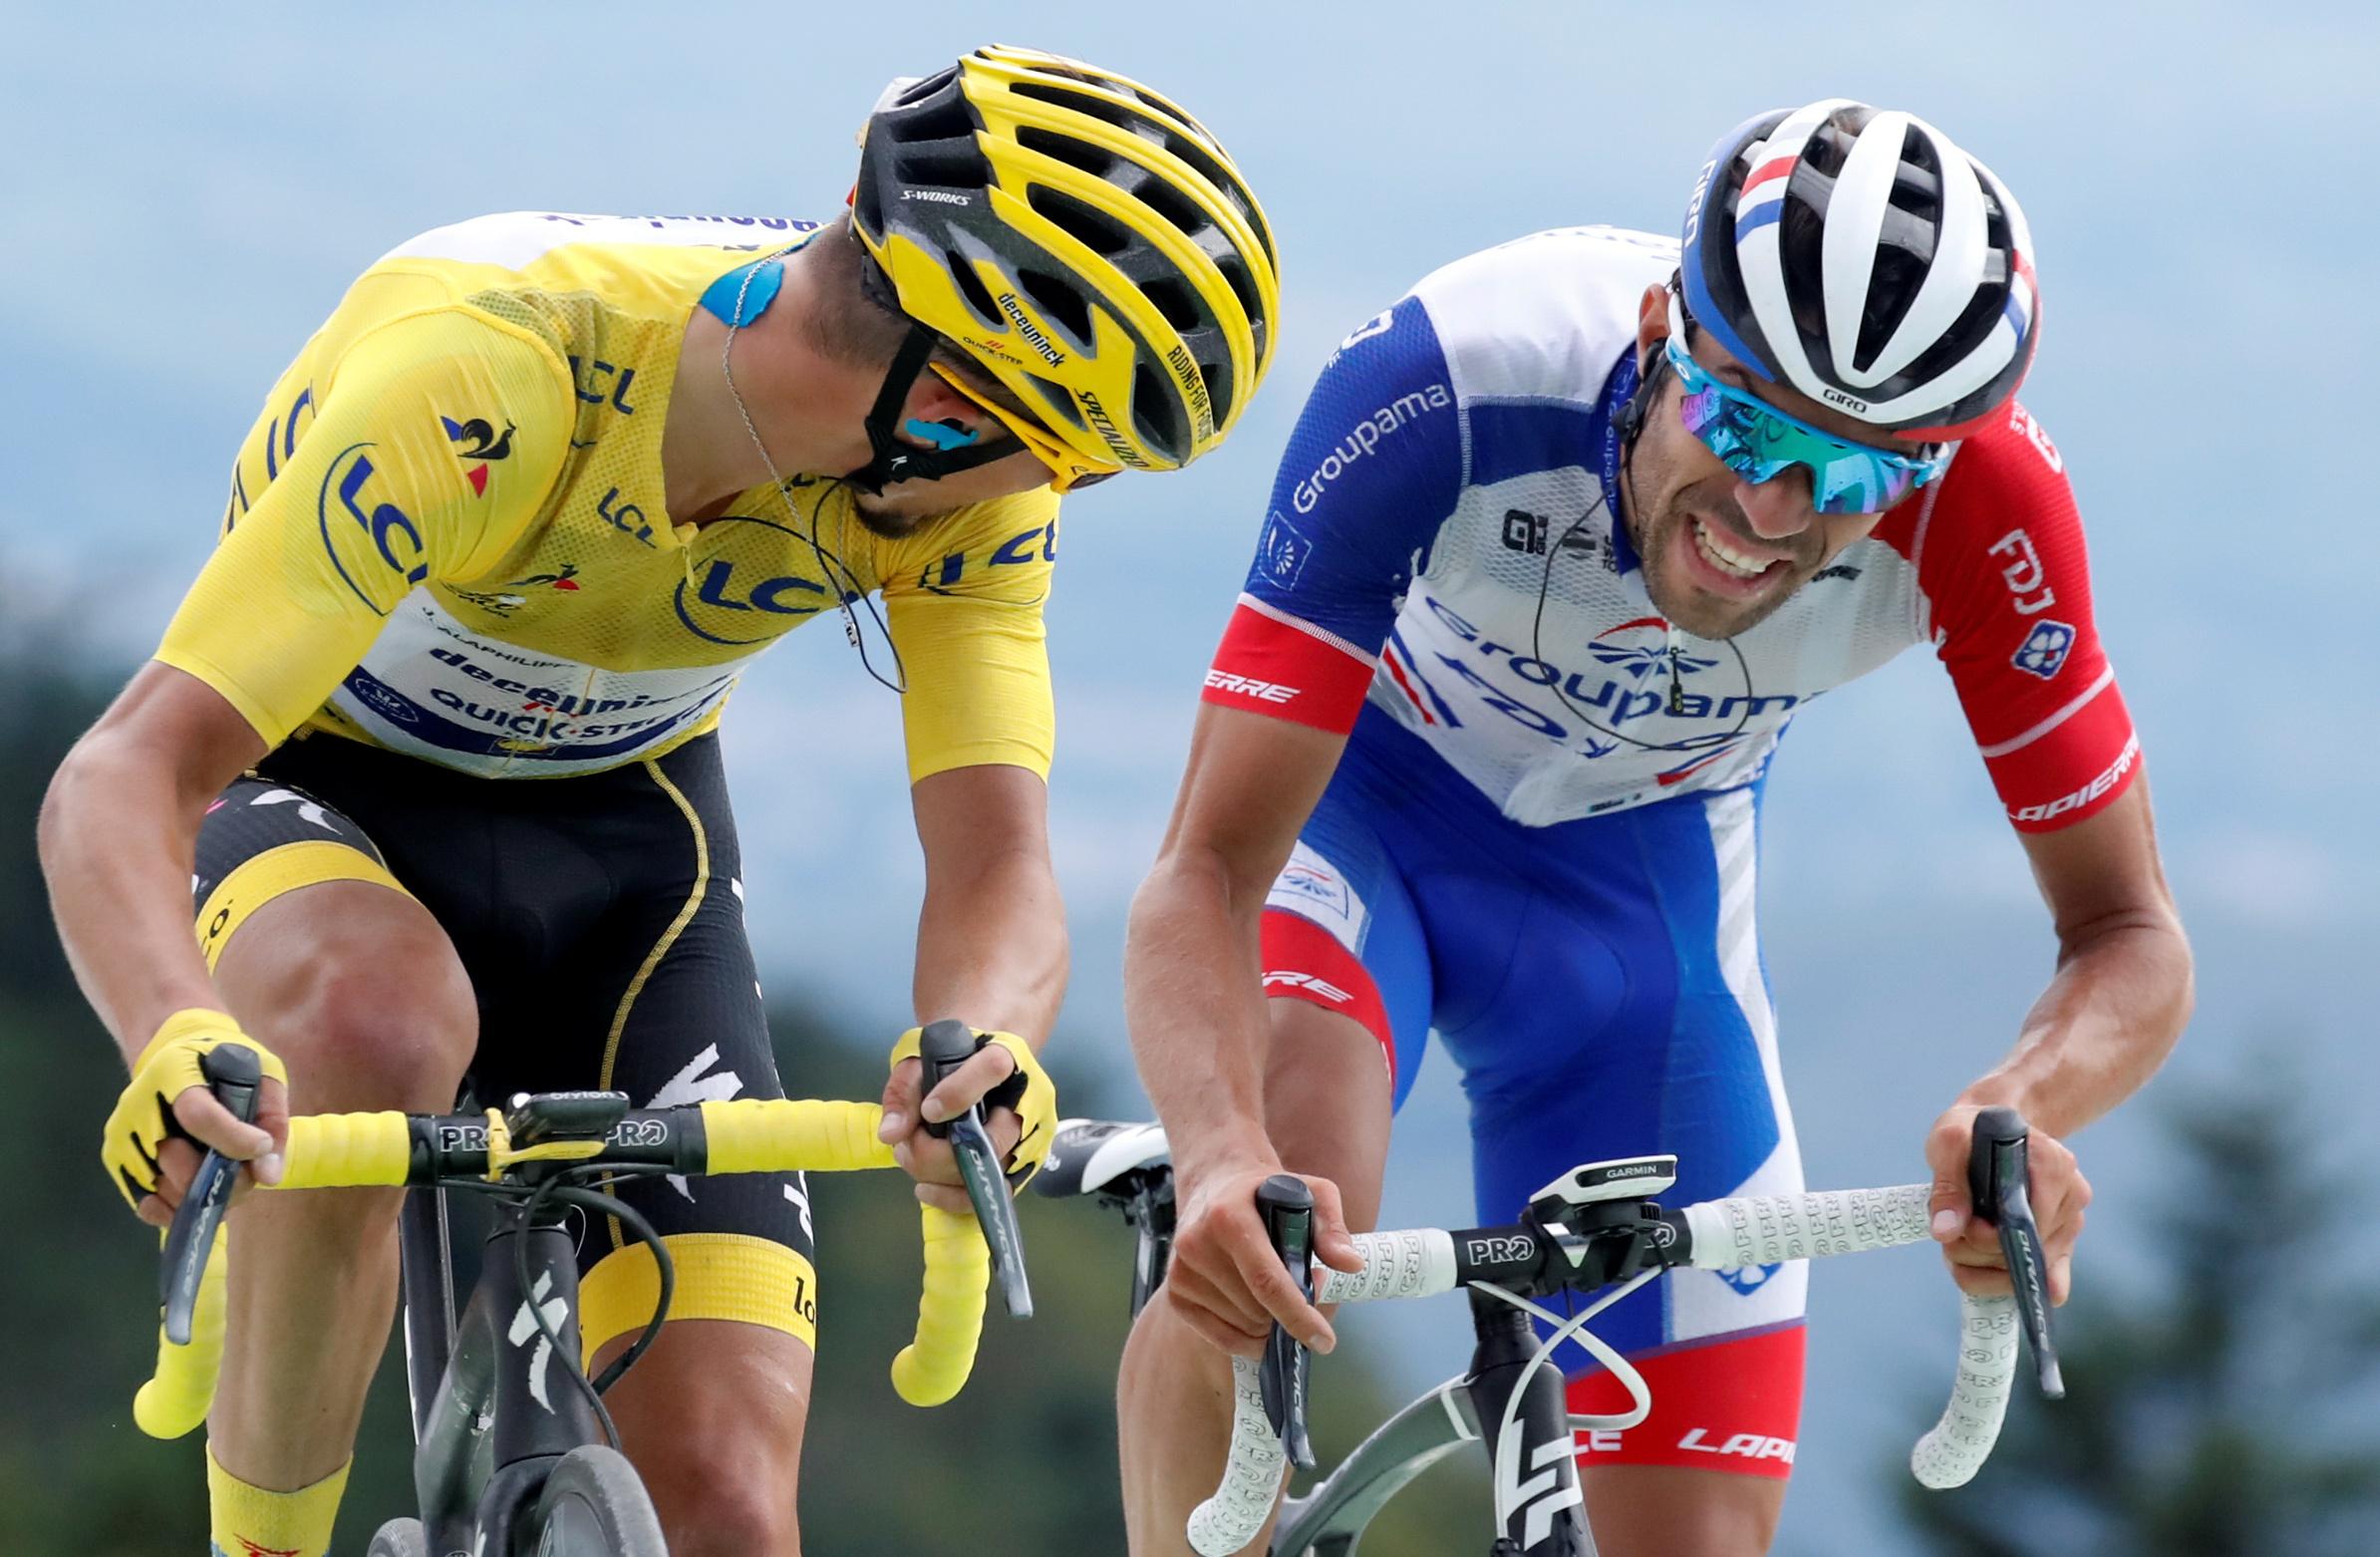 Cyclisme - Tour de France - Pinot, 5e au sommet de La Planche des Belles Filles : «Je suis avec les meilleurs»